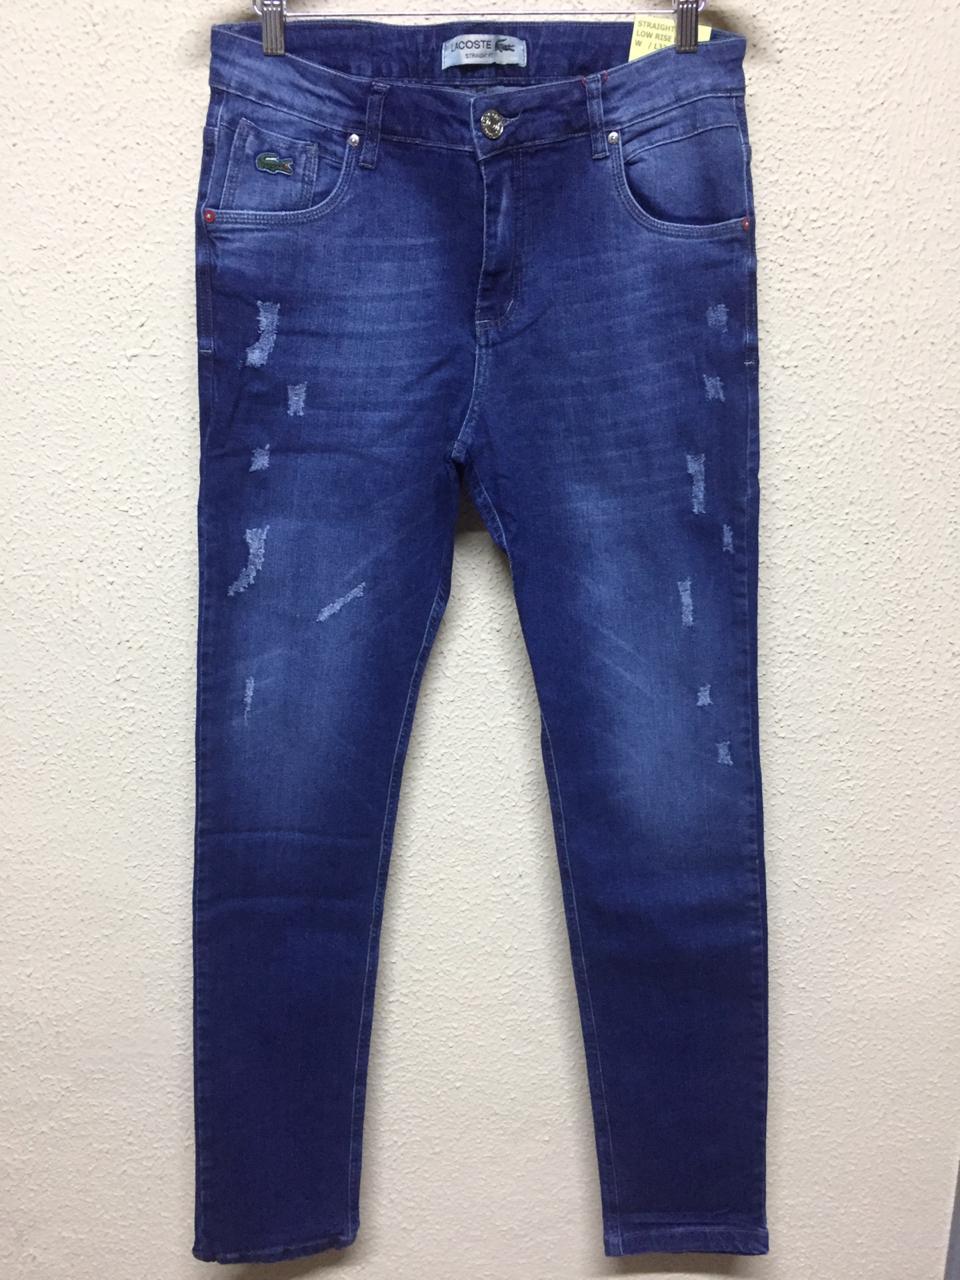 Calça Masculina Lacoste Sarja Lisa - Jeans